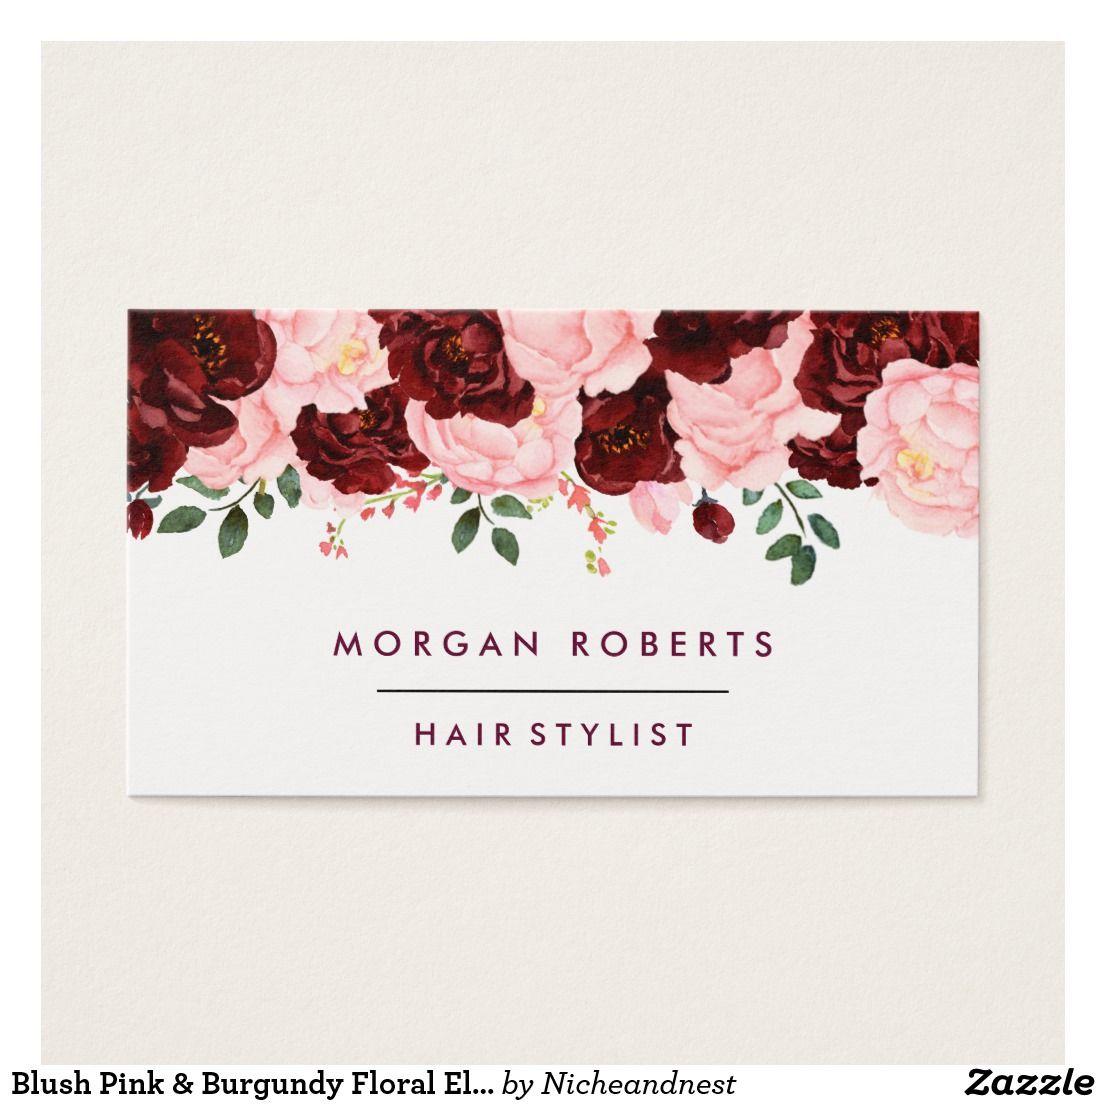 Blush Pink & Burgundy Floral Elegant Flower Business Card | Elegant ...